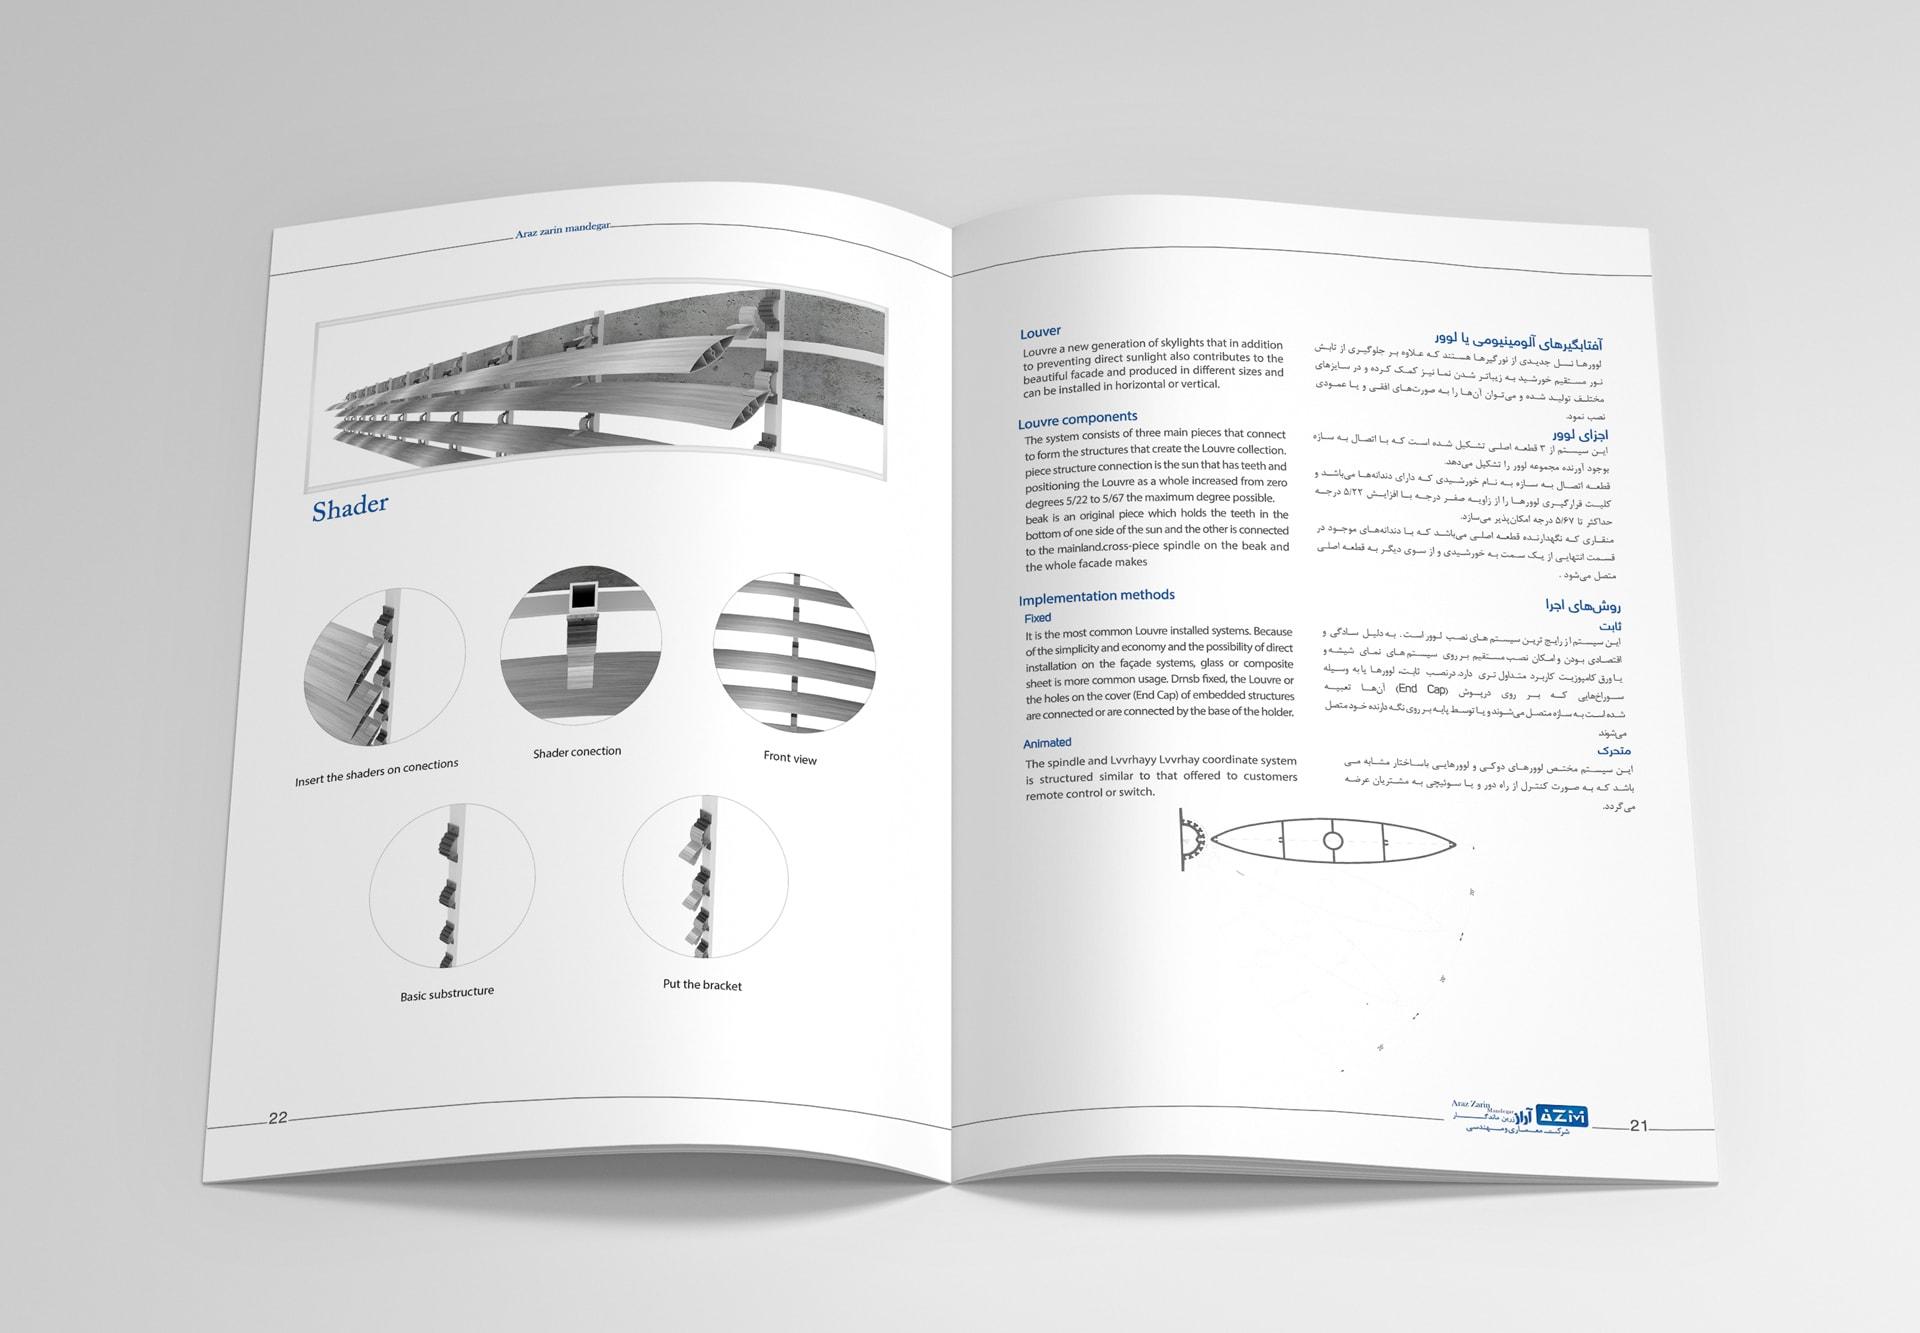 طراحی کاتالوگ شرکت معماری و مهندسی آراز - چاپ شرکت knegar